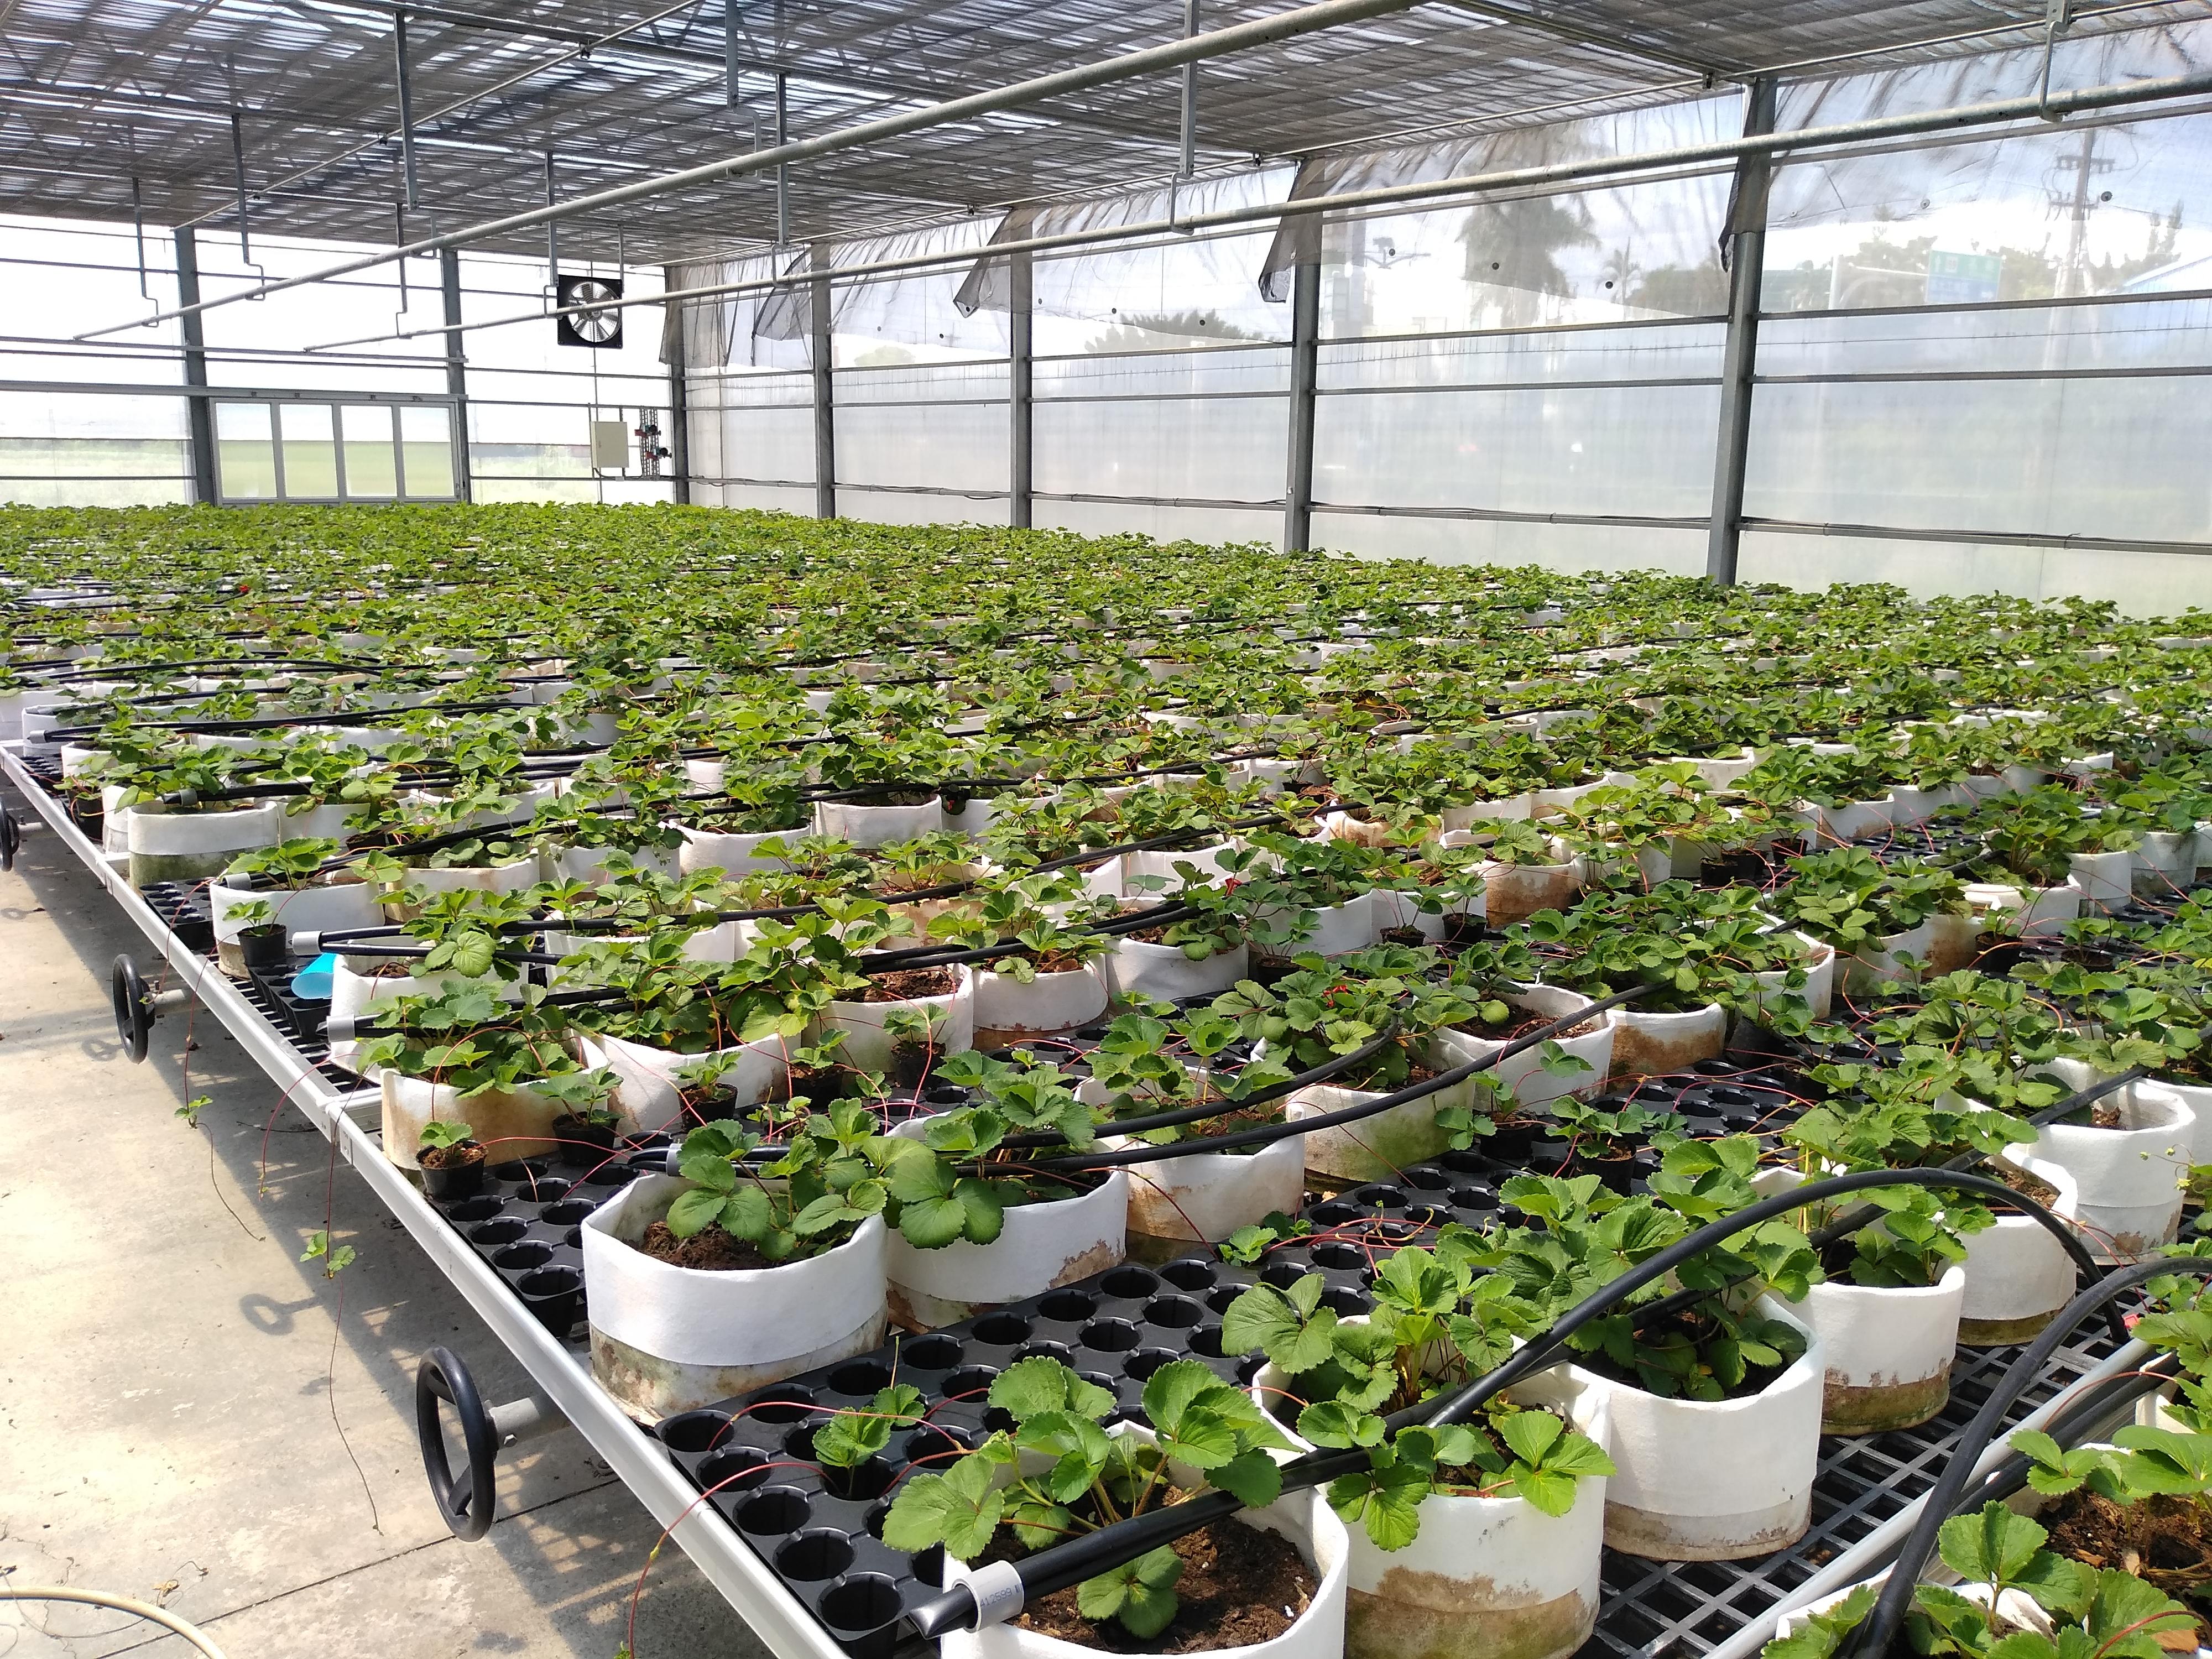 產業設施苗場生產草莓種苗實況